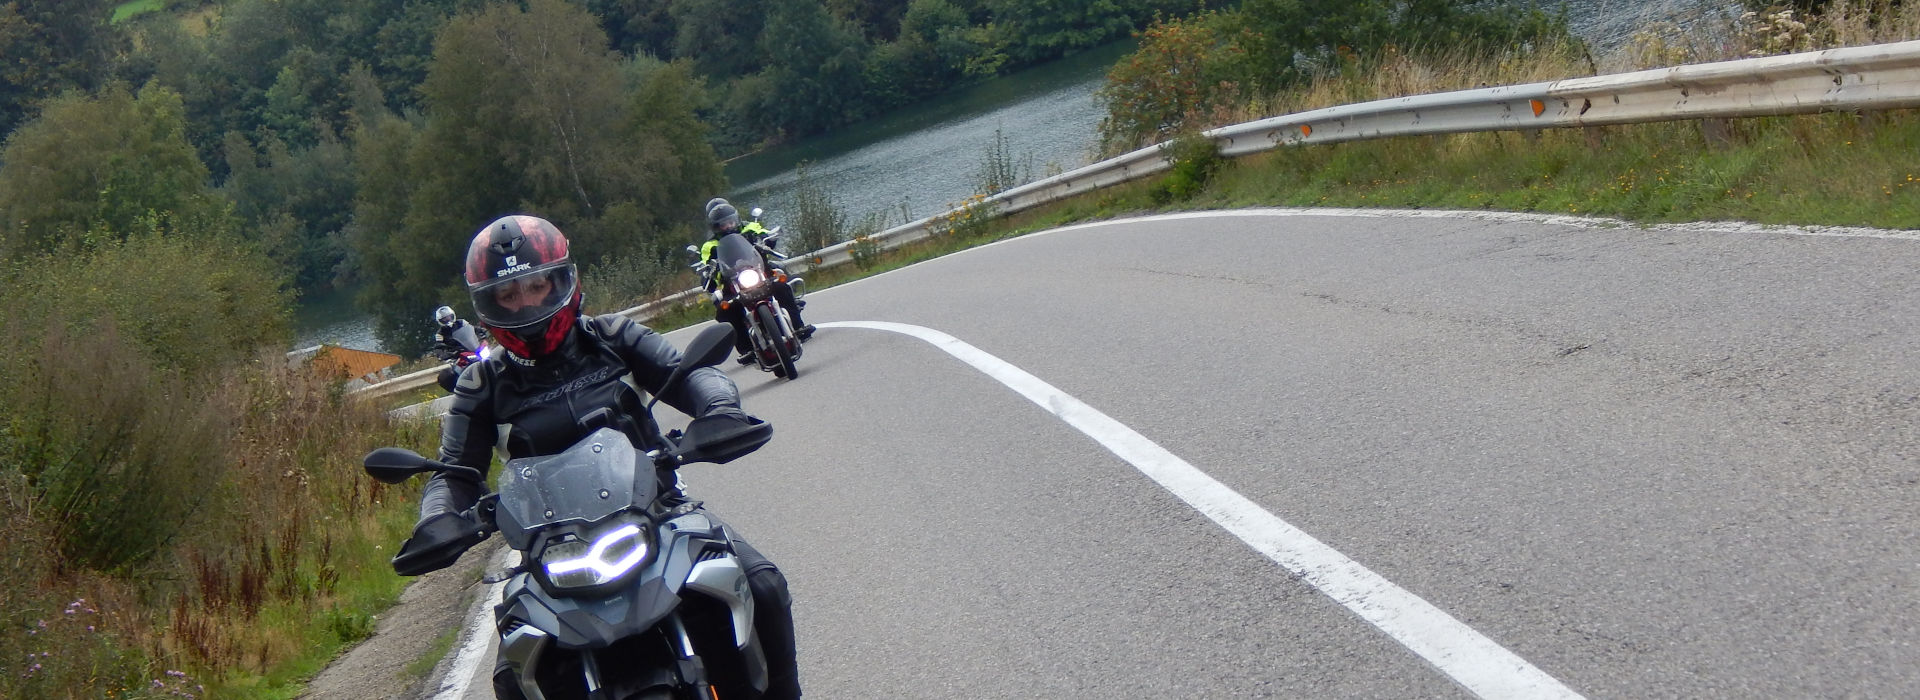 Motorrijbewijspoint Wijk bij Duurstede snel motorrijbewijs halen